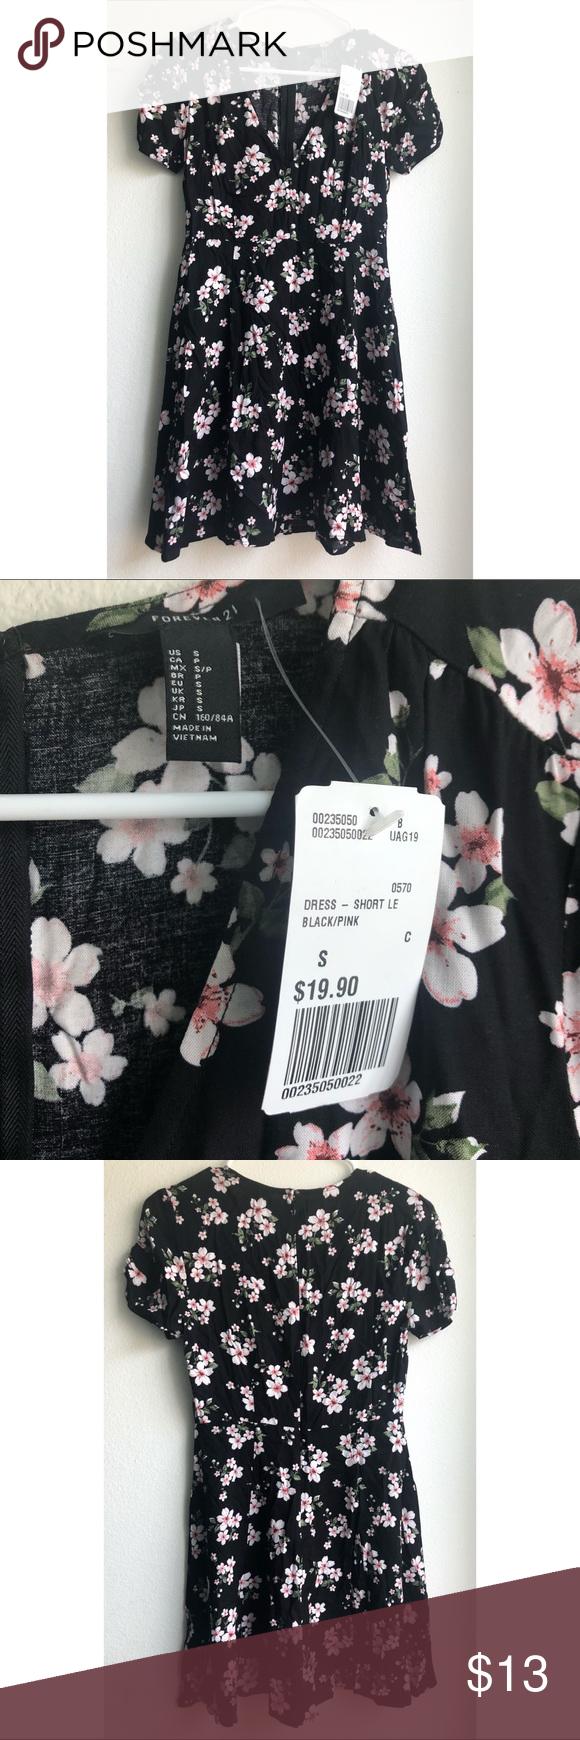 Forever 21 Black Floral Dress Black Dress With Pink Flowers Forever 21 Dresses Floral Dress Black Floral Dress Dresses [ 1740 x 580 Pixel ]